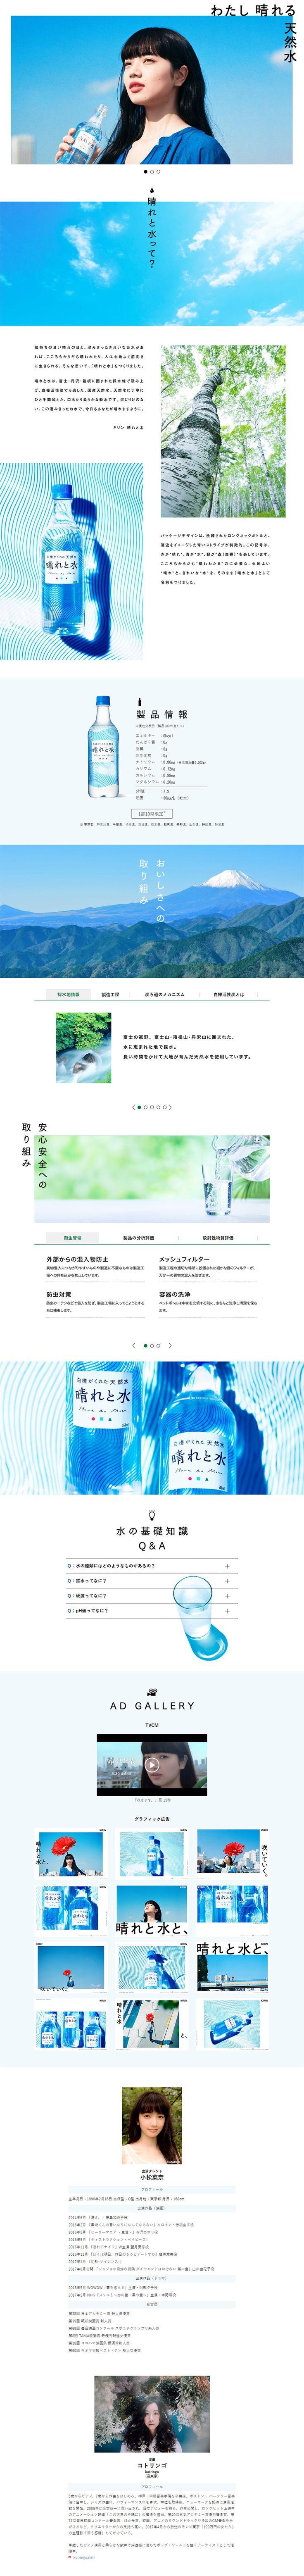 キリン 晴れと水|WEBデザイナーさん必見!ランディングページのデザイン参考に(シンプル系)